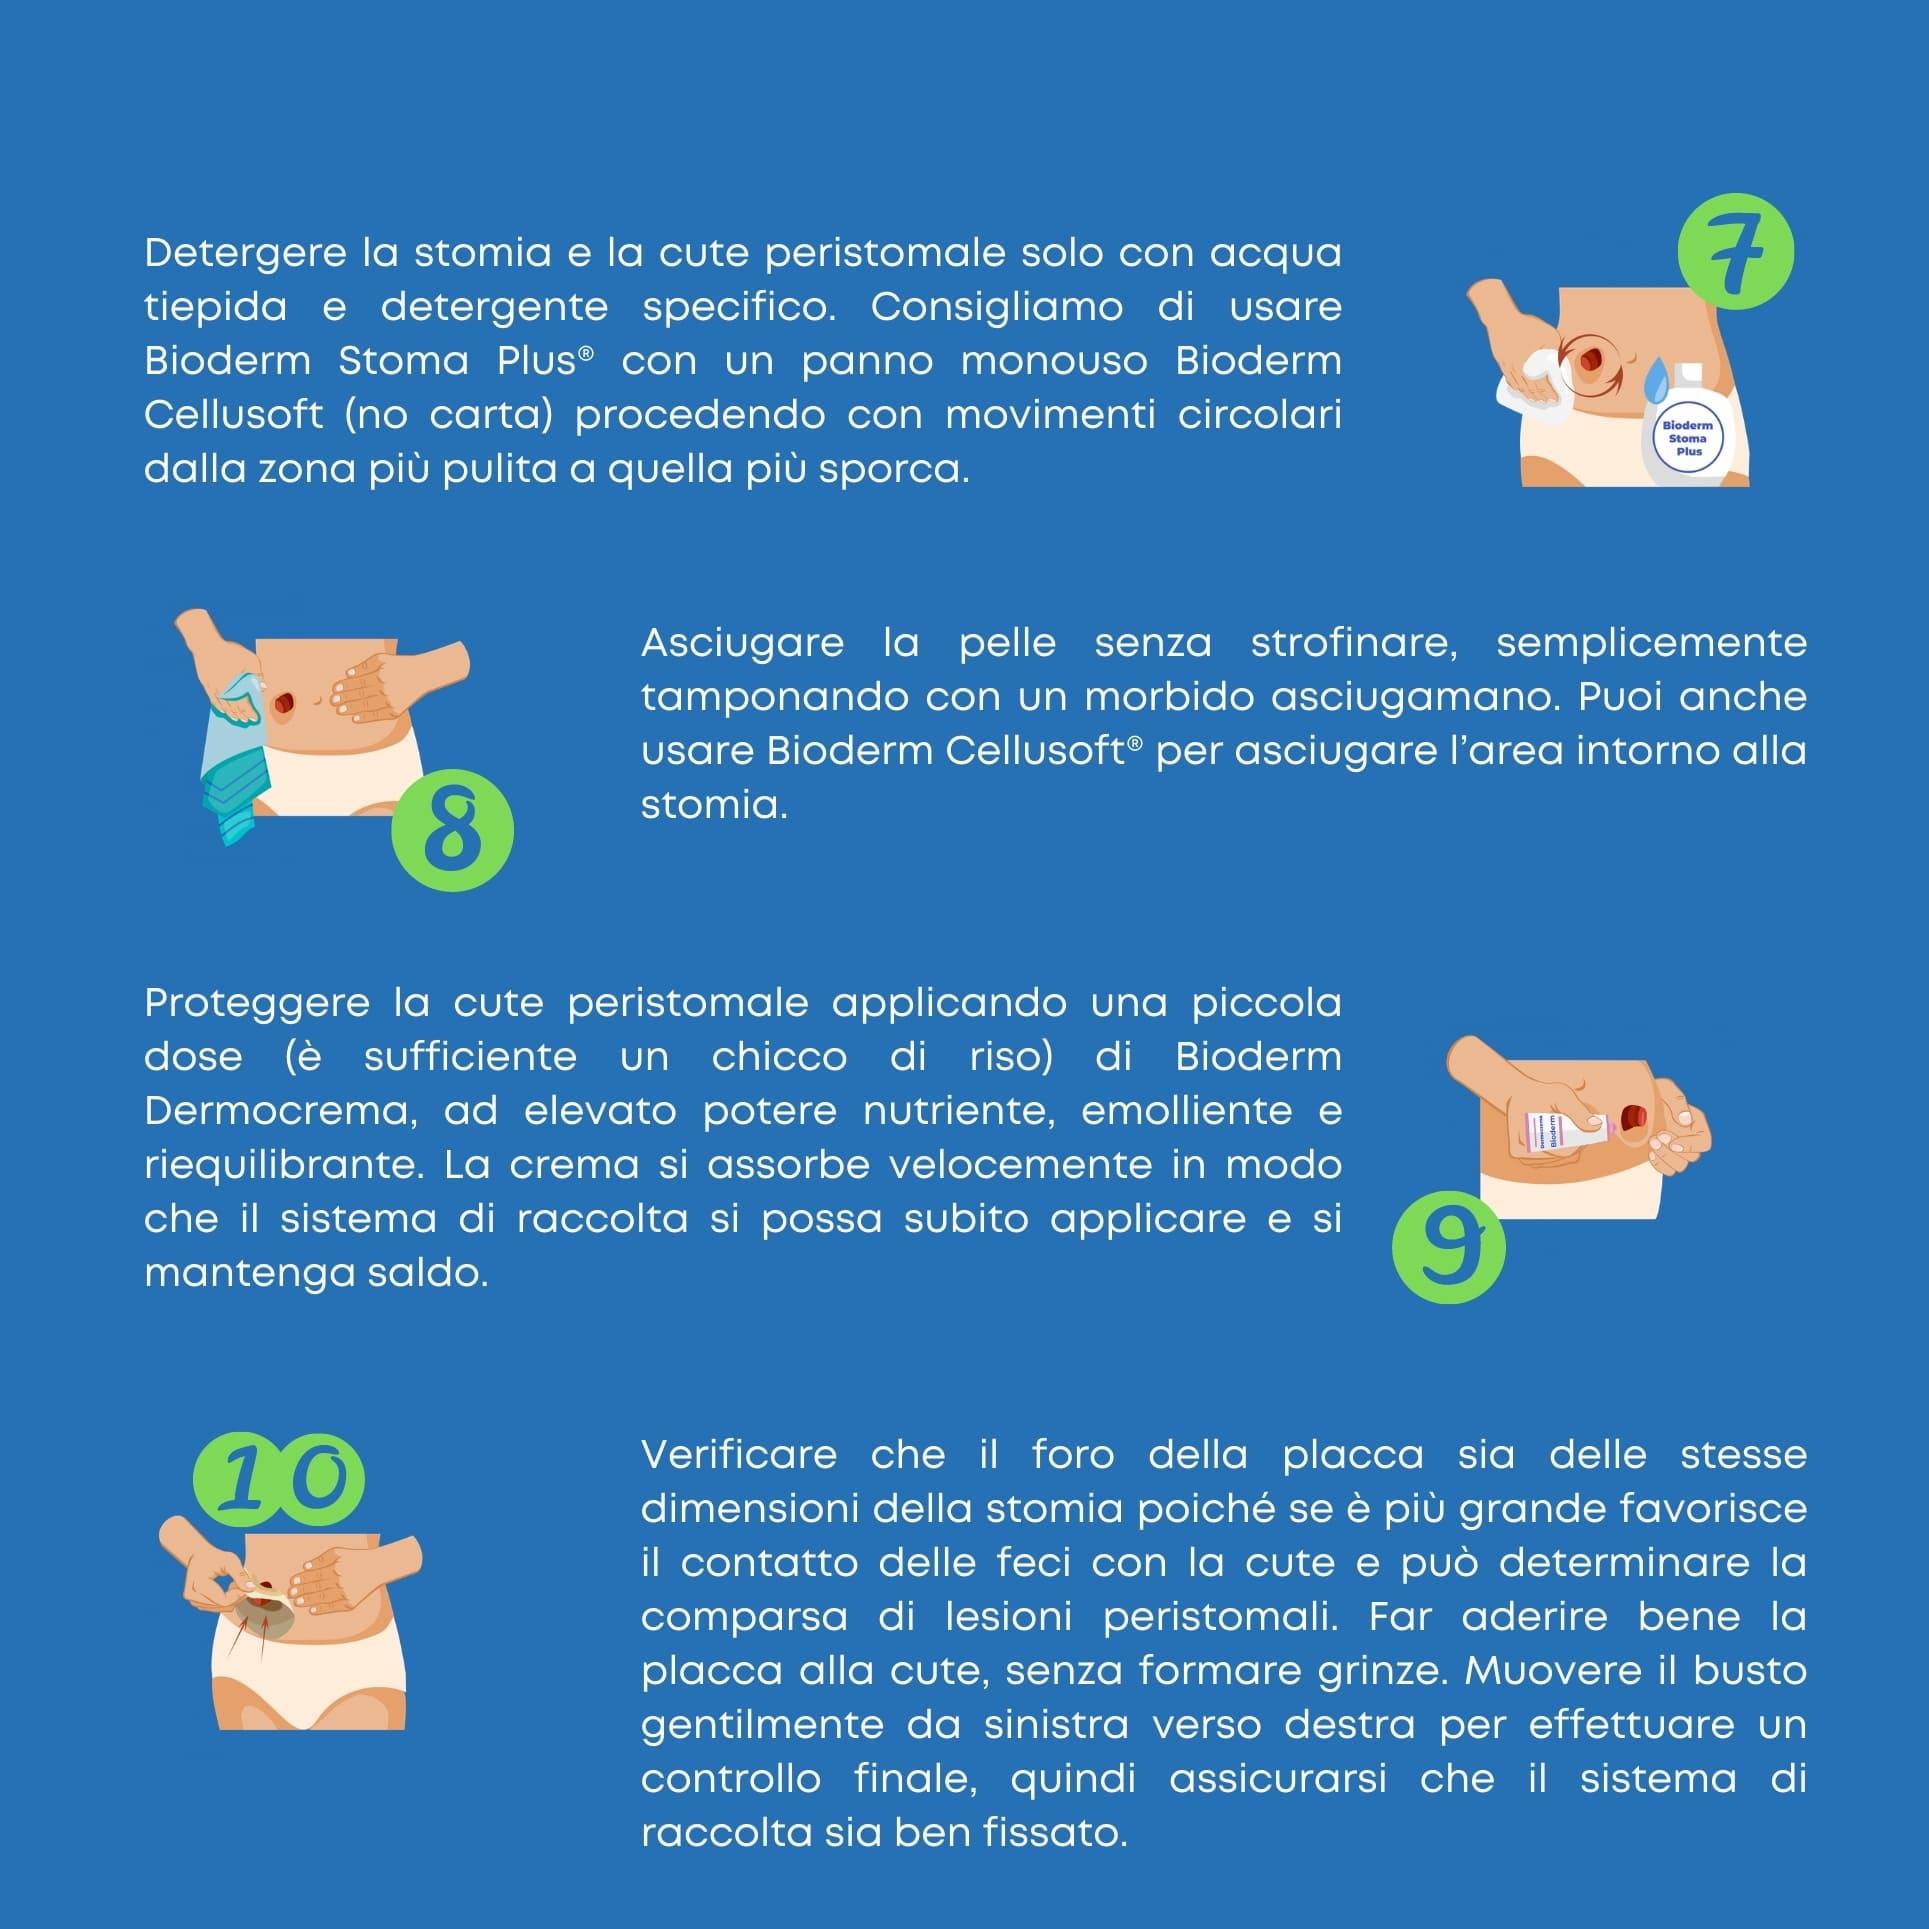 Infografica in 10 passi su come prendersi cura correttamente della vostra pelle persitomale - Passo 7 a 10